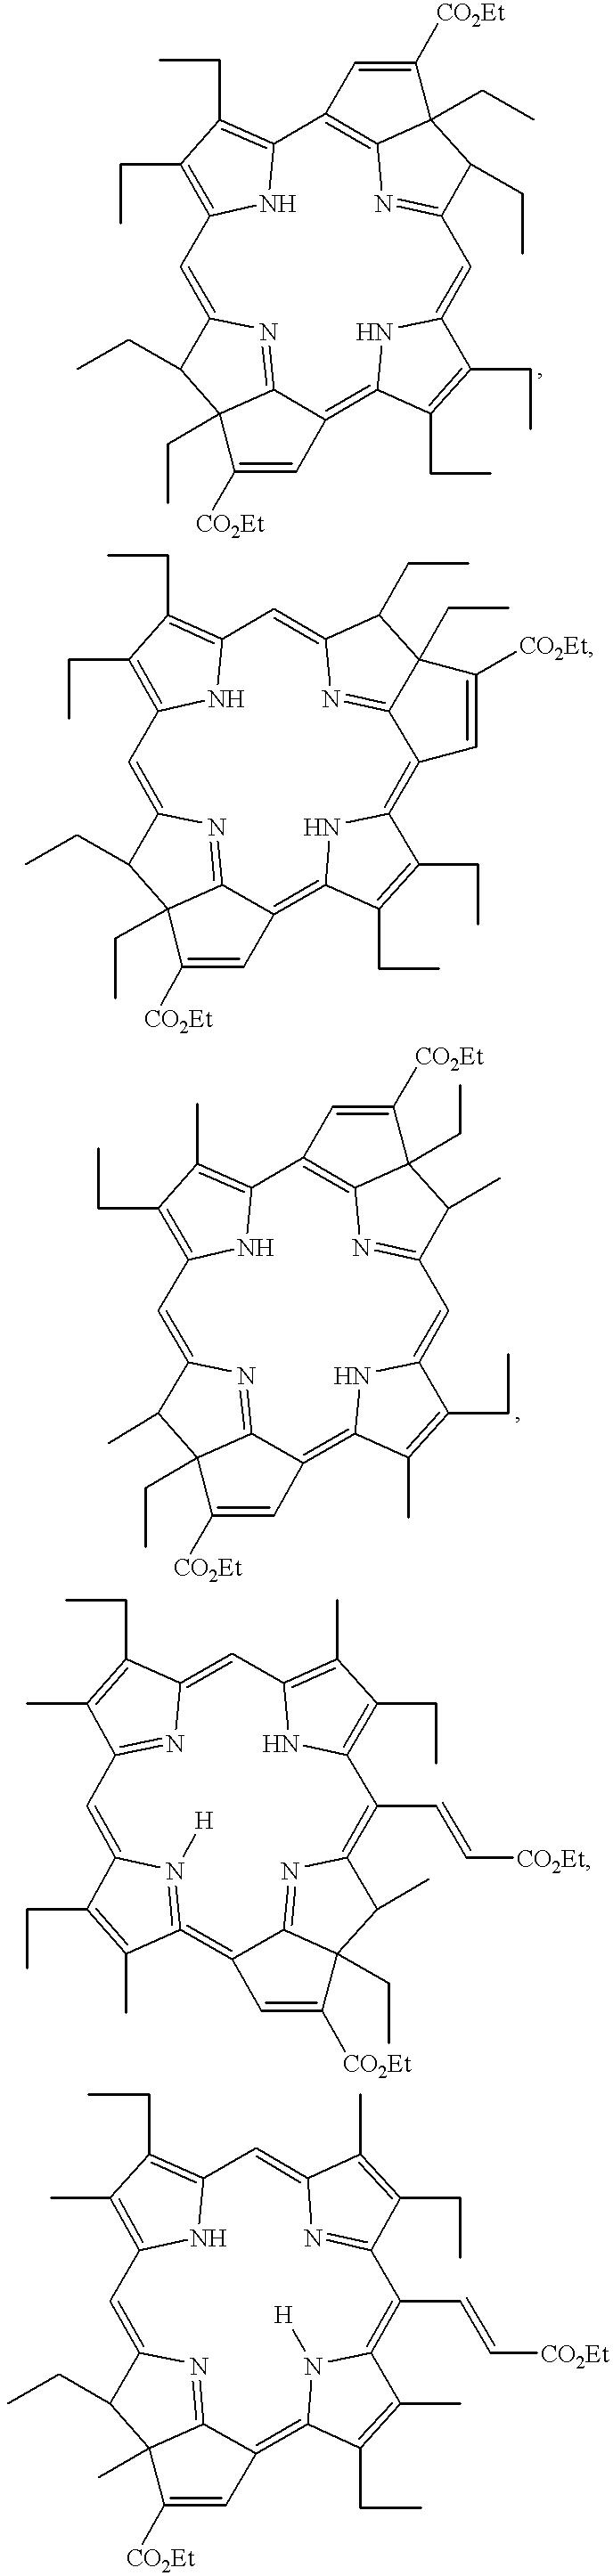 Figure US06376483-20020423-C00032